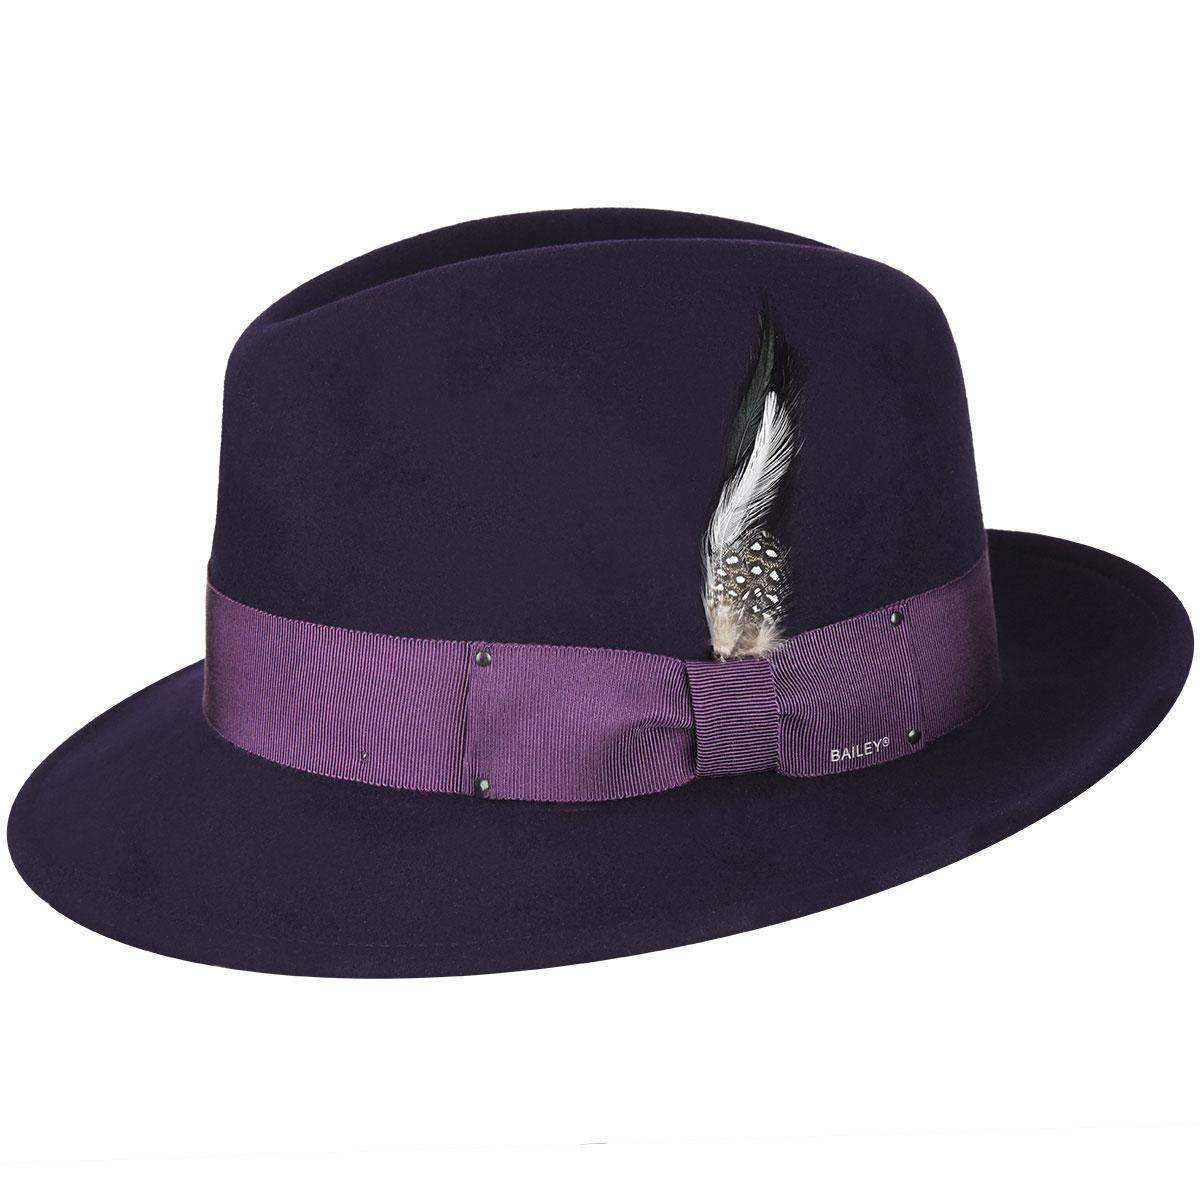 Men's Vintage Style Hats, Retro Hats Blixen LiteFeltFedora $77.25 AT vintagedancer.com